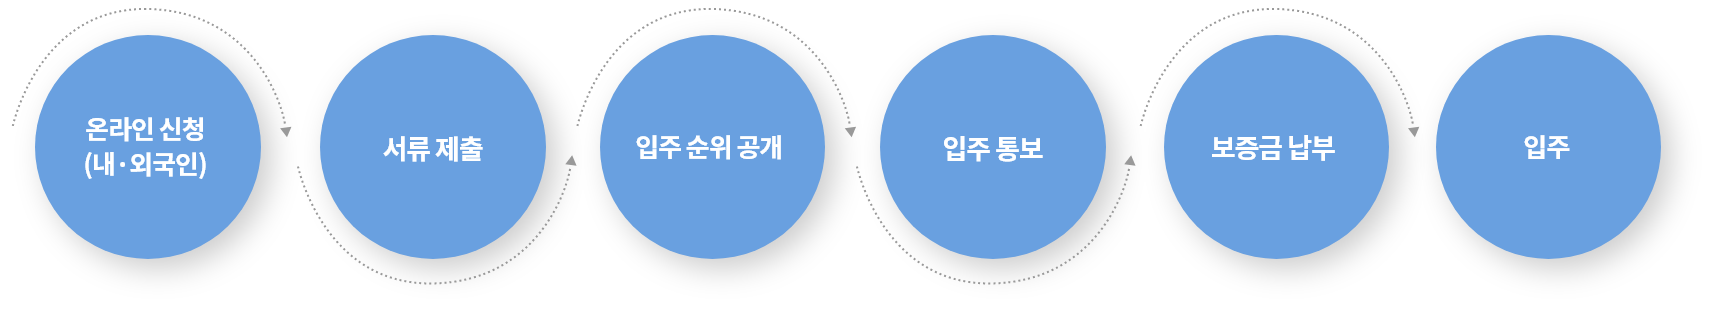 온라인 신청(내·외국인) > 서류제출 > 입주 순위 공개 > 입주 통보 > 보증금 납부 > 입주